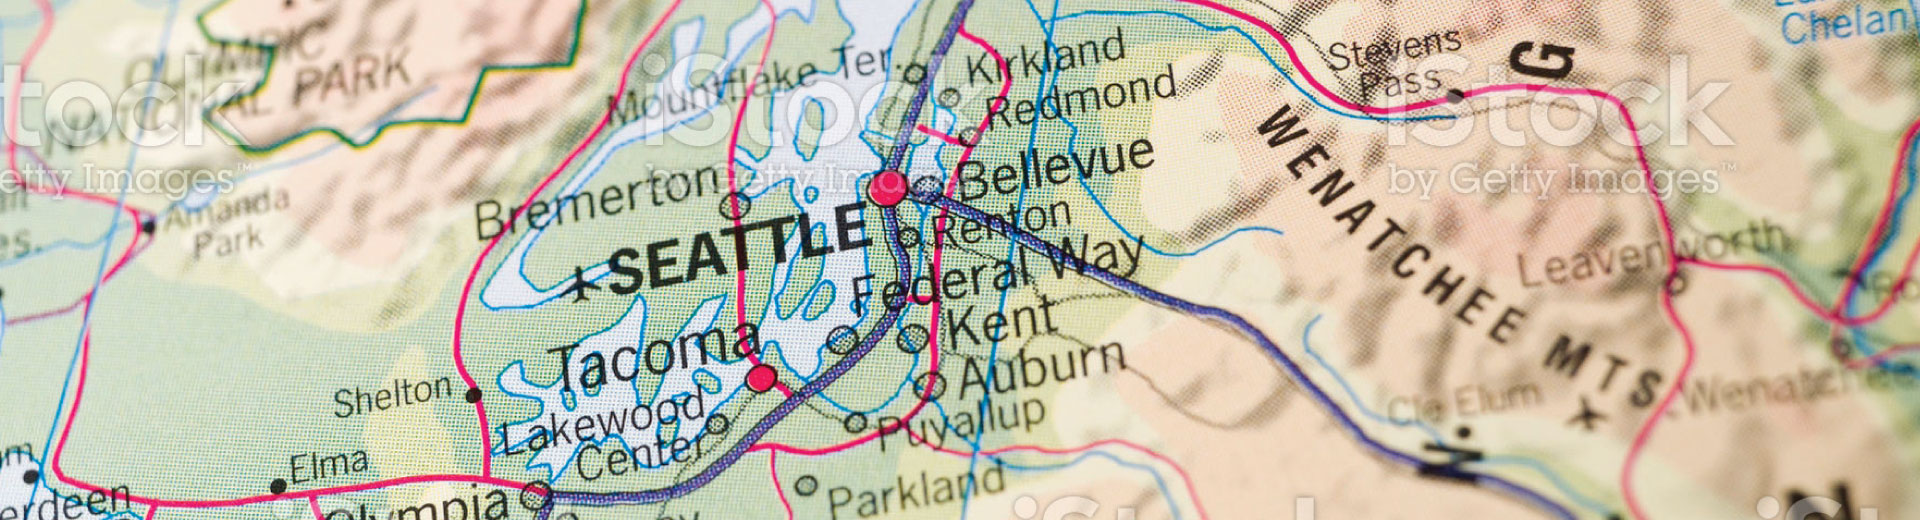 properties-map